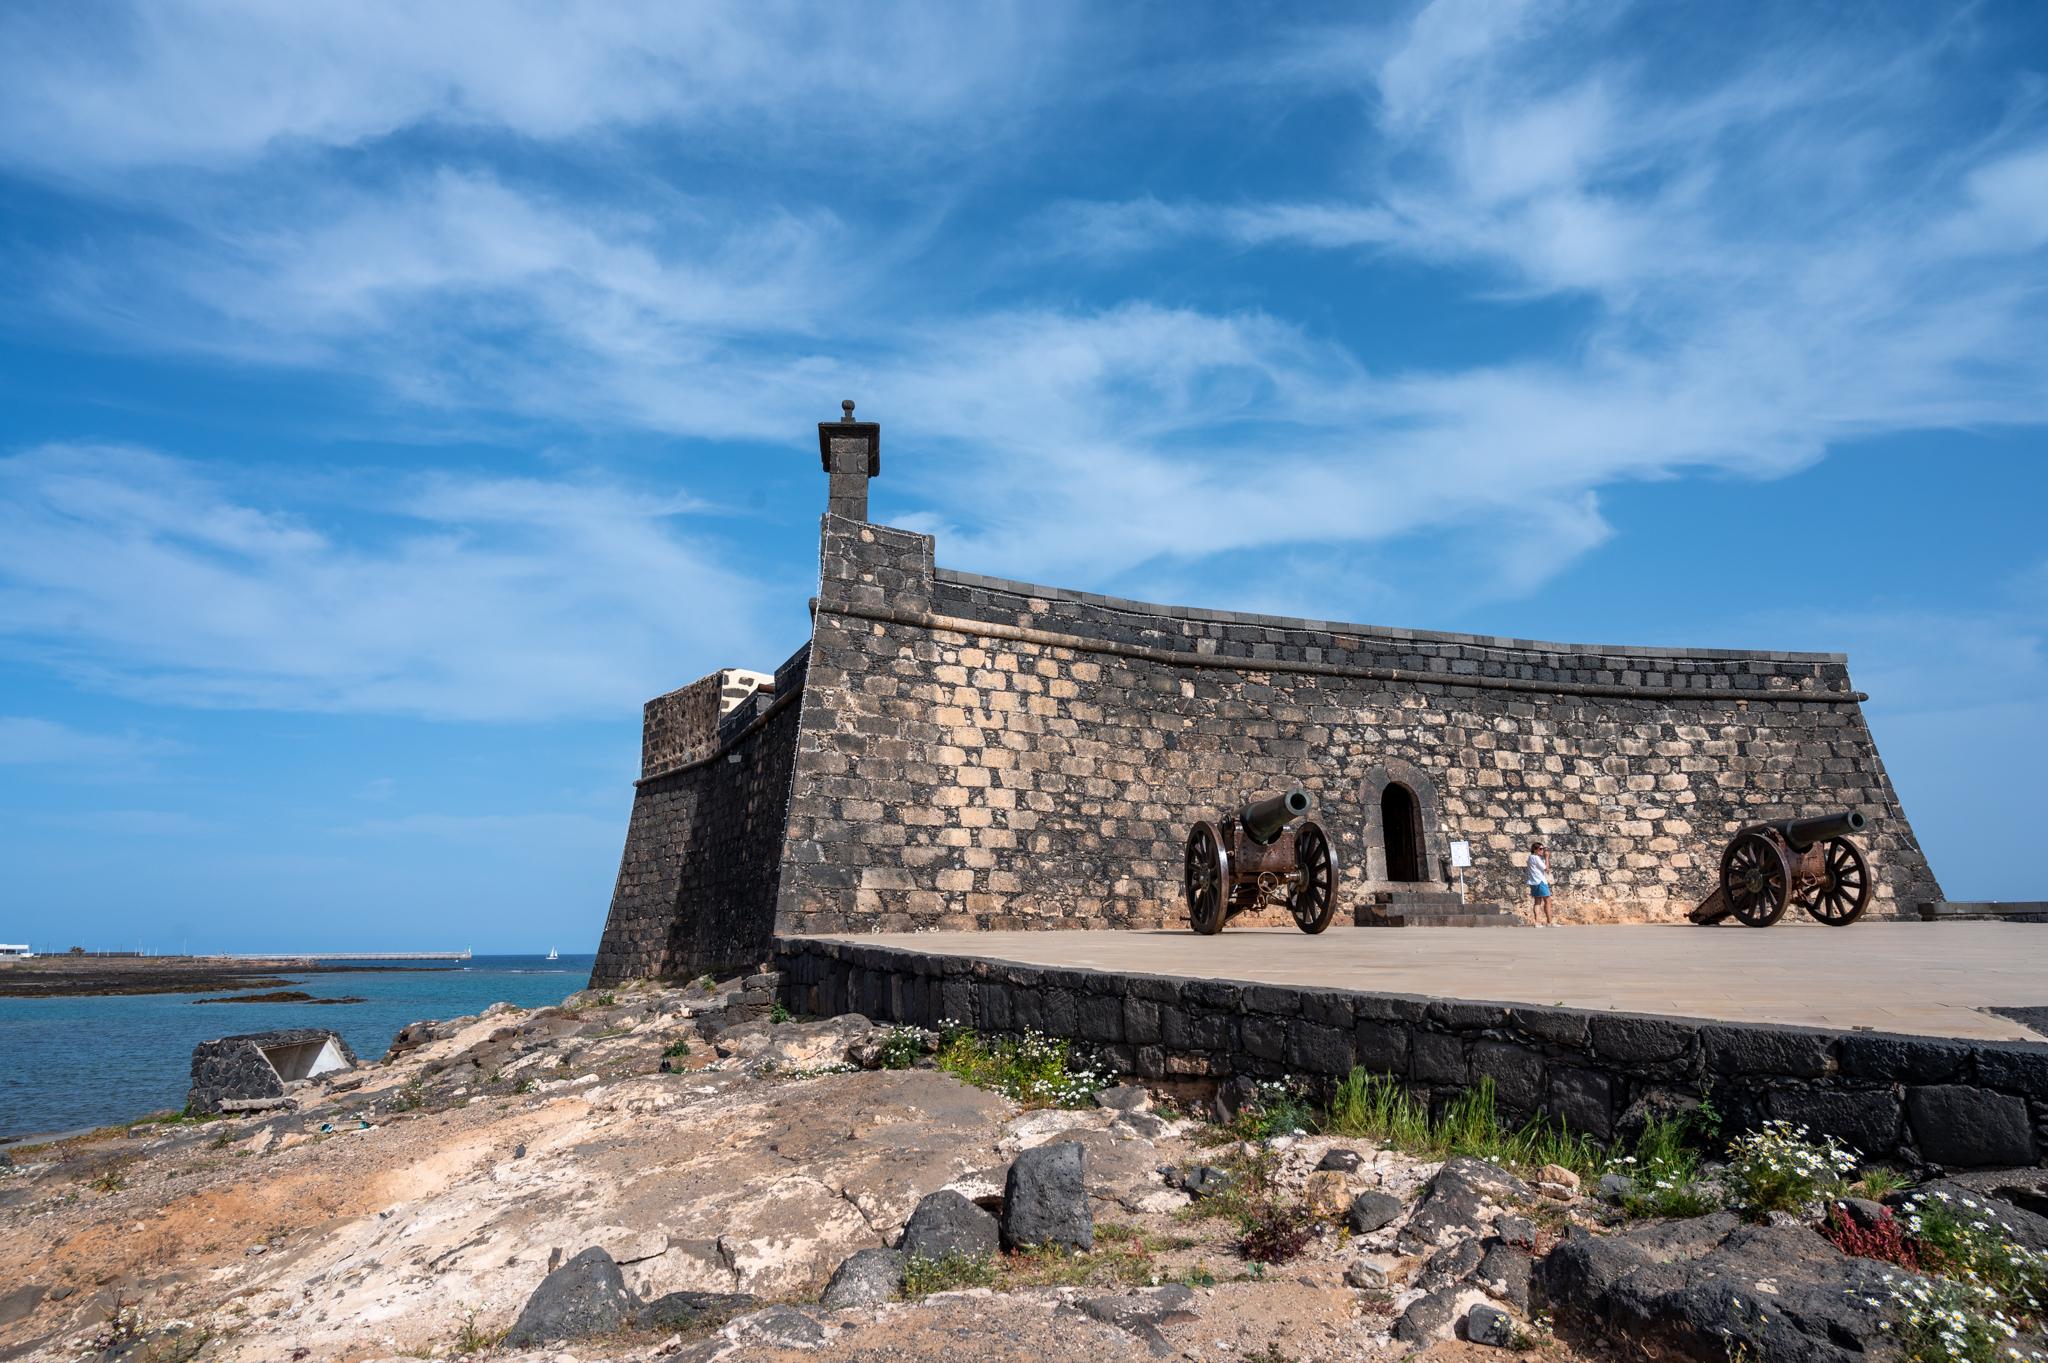 Castillo de San Gabriel in Arrecife